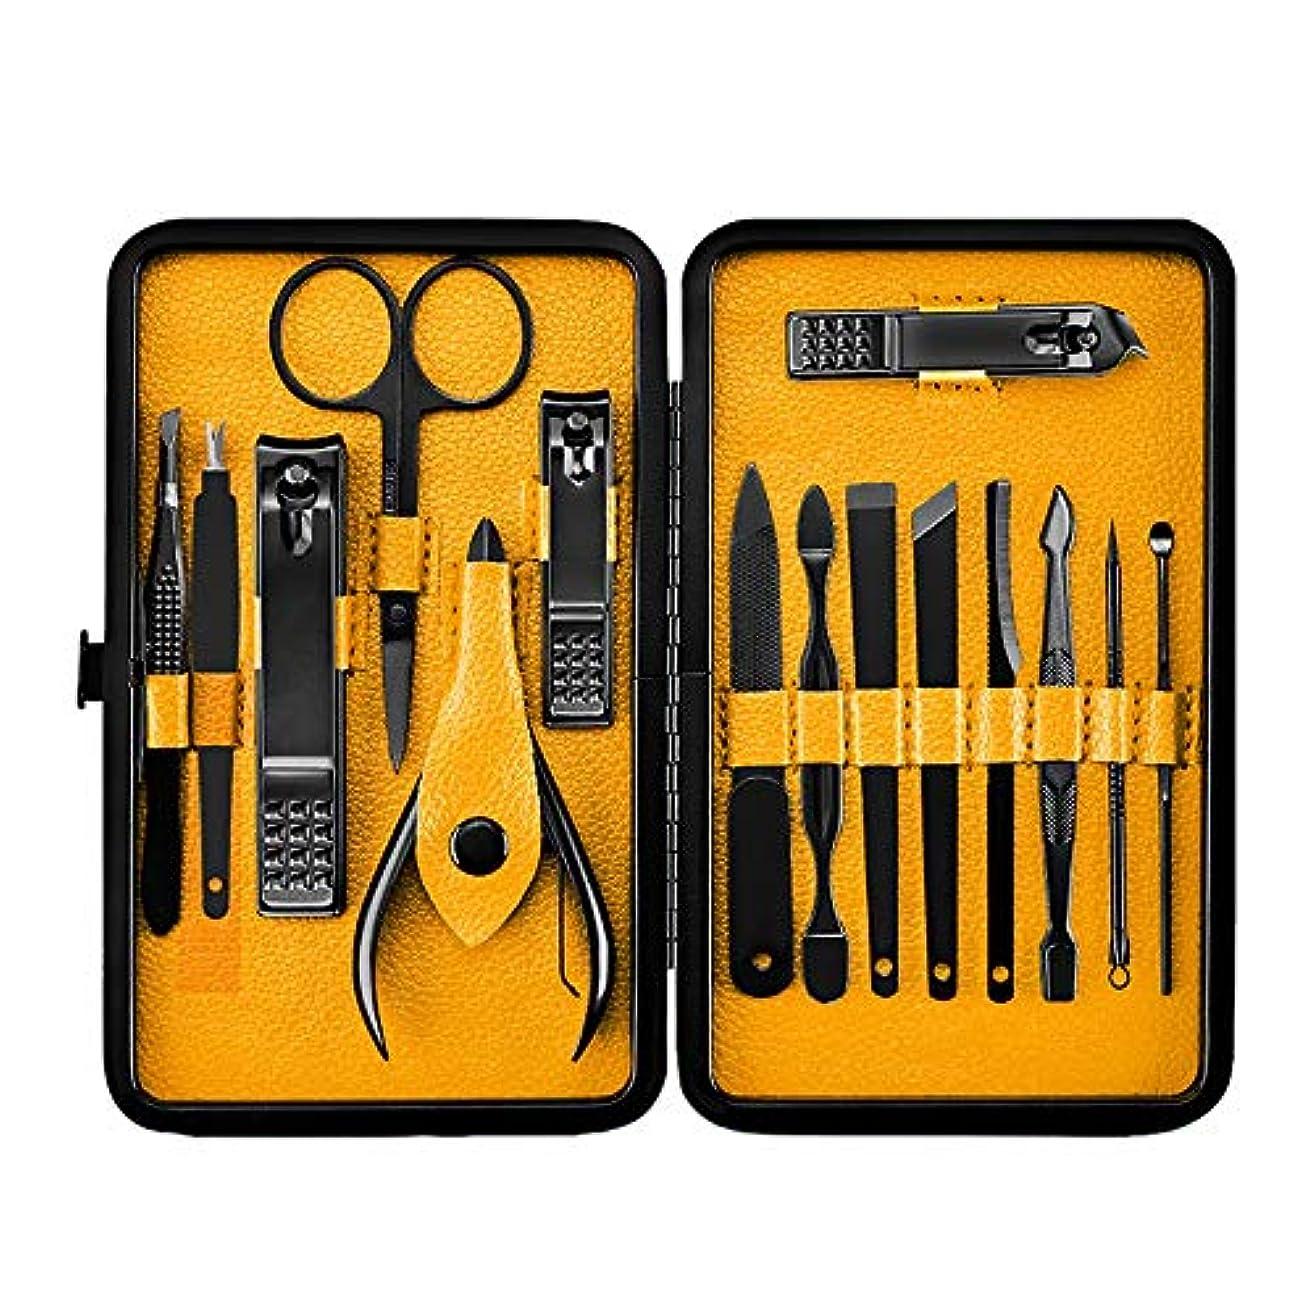 従事する台無しにいくつかのCUHAWUDBA 15ピース、プロフェッショナル、マニキュア、ステンレス鋼製ネイルのクリッパー、爪切り、はさみのセット、キット、マニキュアのセット、ネイルのツール、ネイルアートのツール